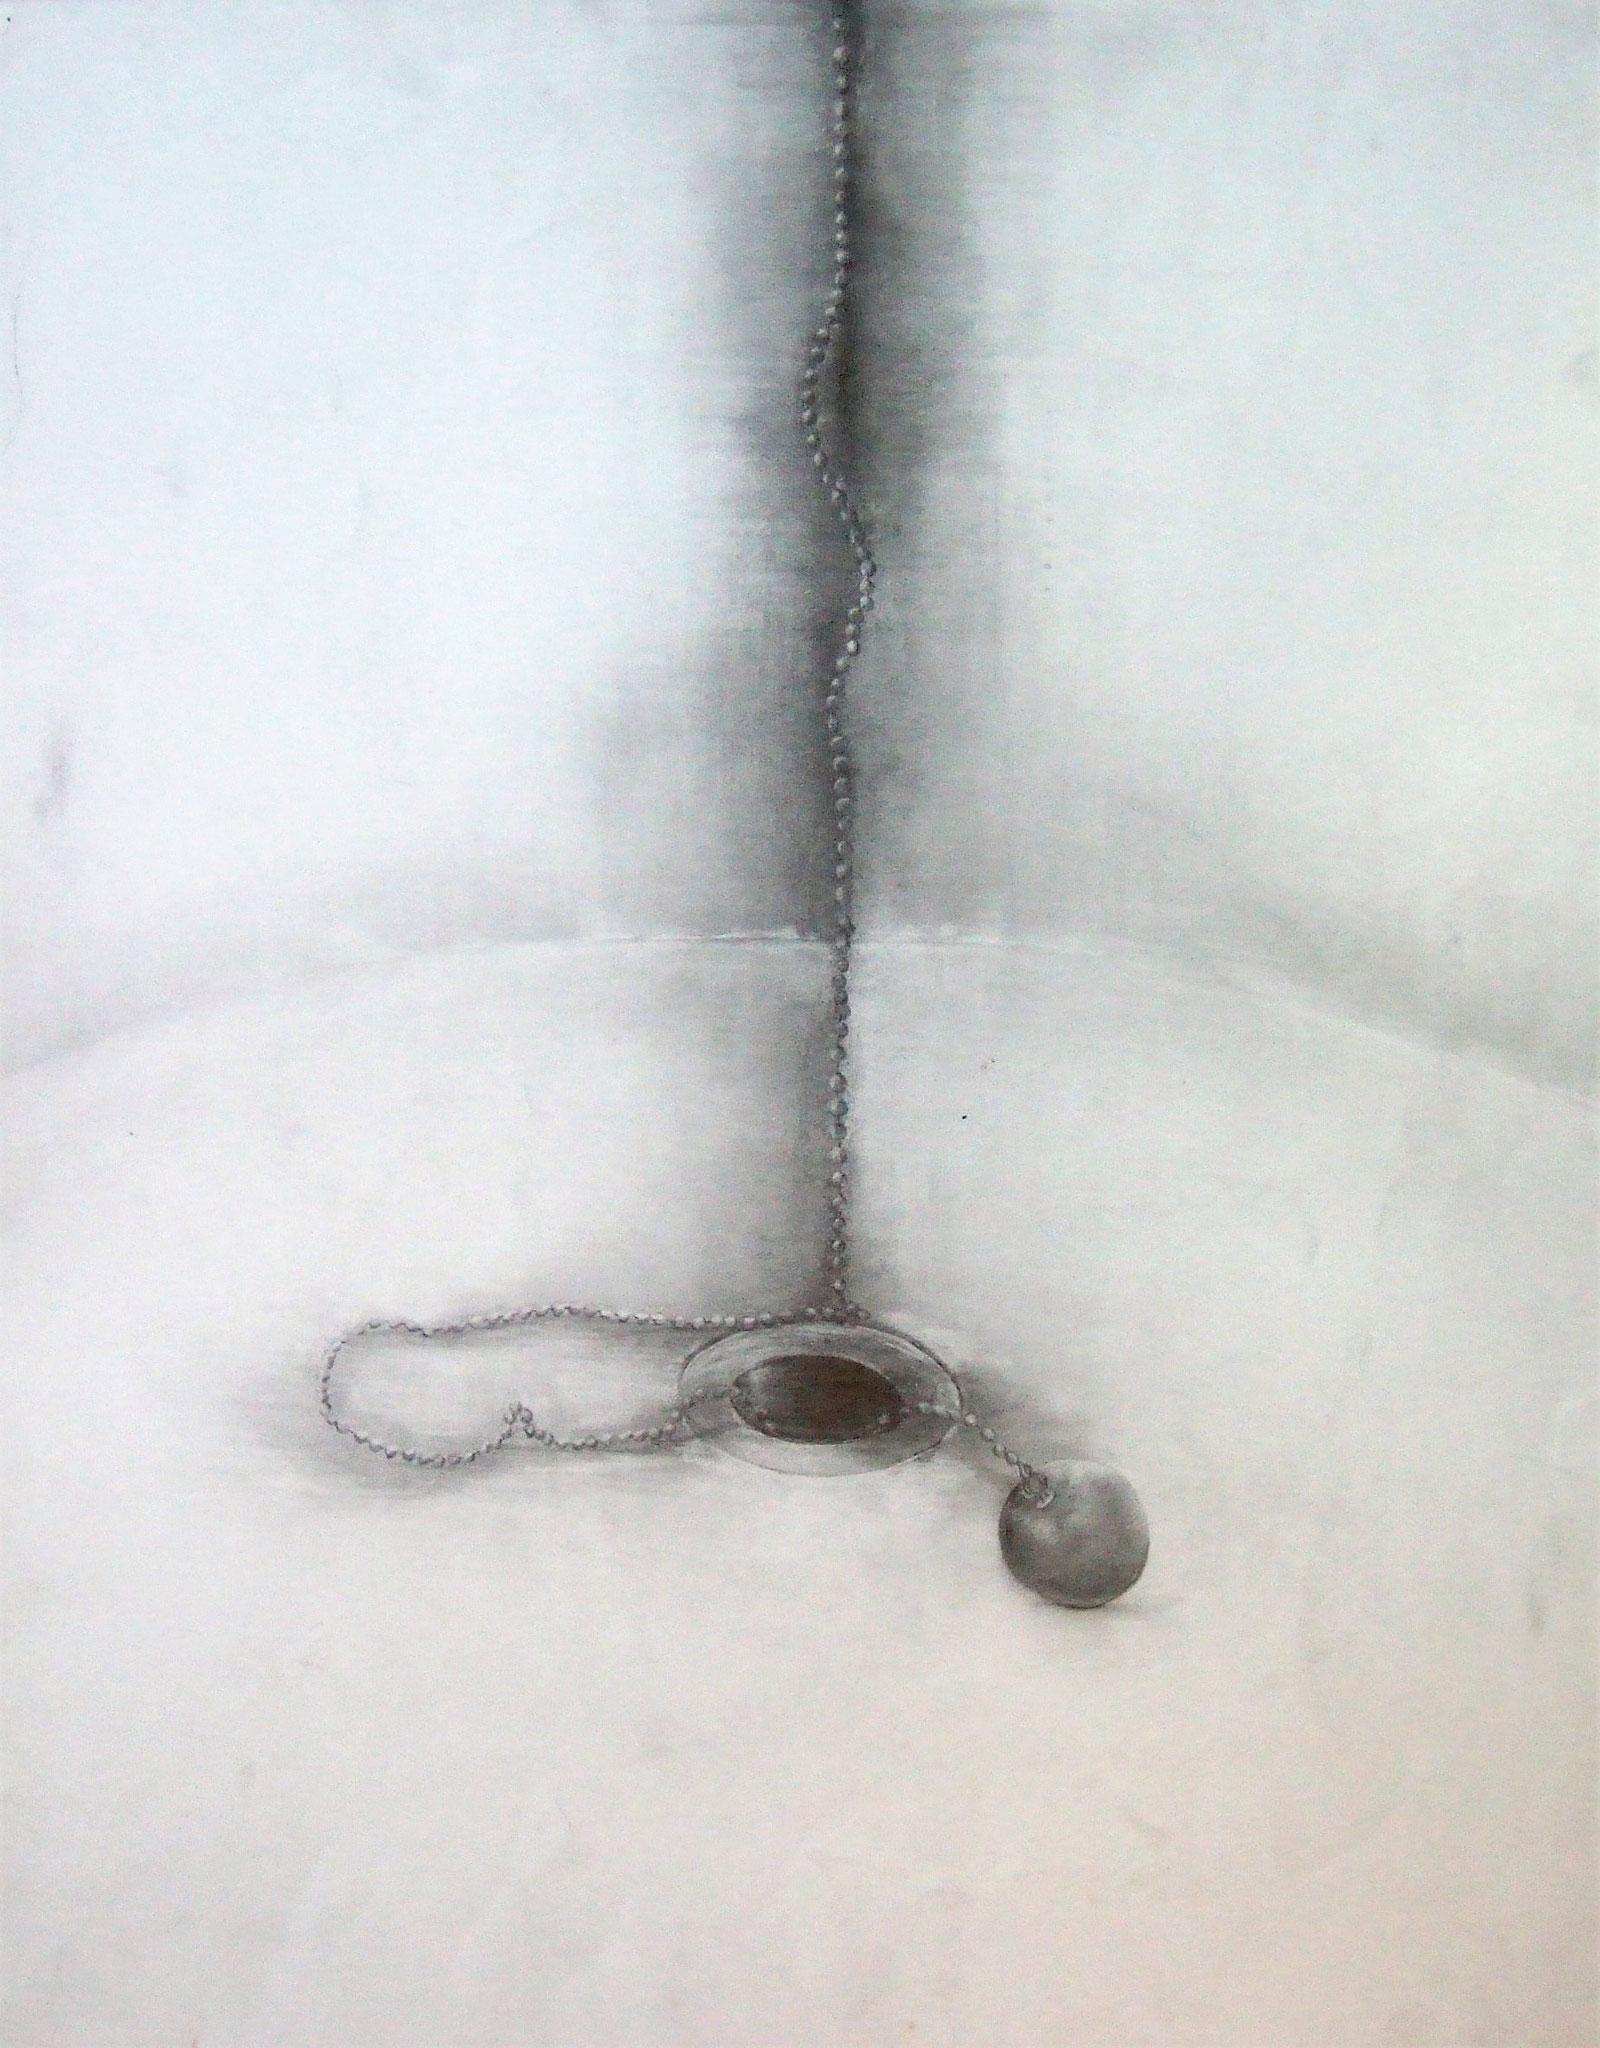 生徒作品26 鉛筆デッサン<イメージ構成> 木炭紙大 【油画系】